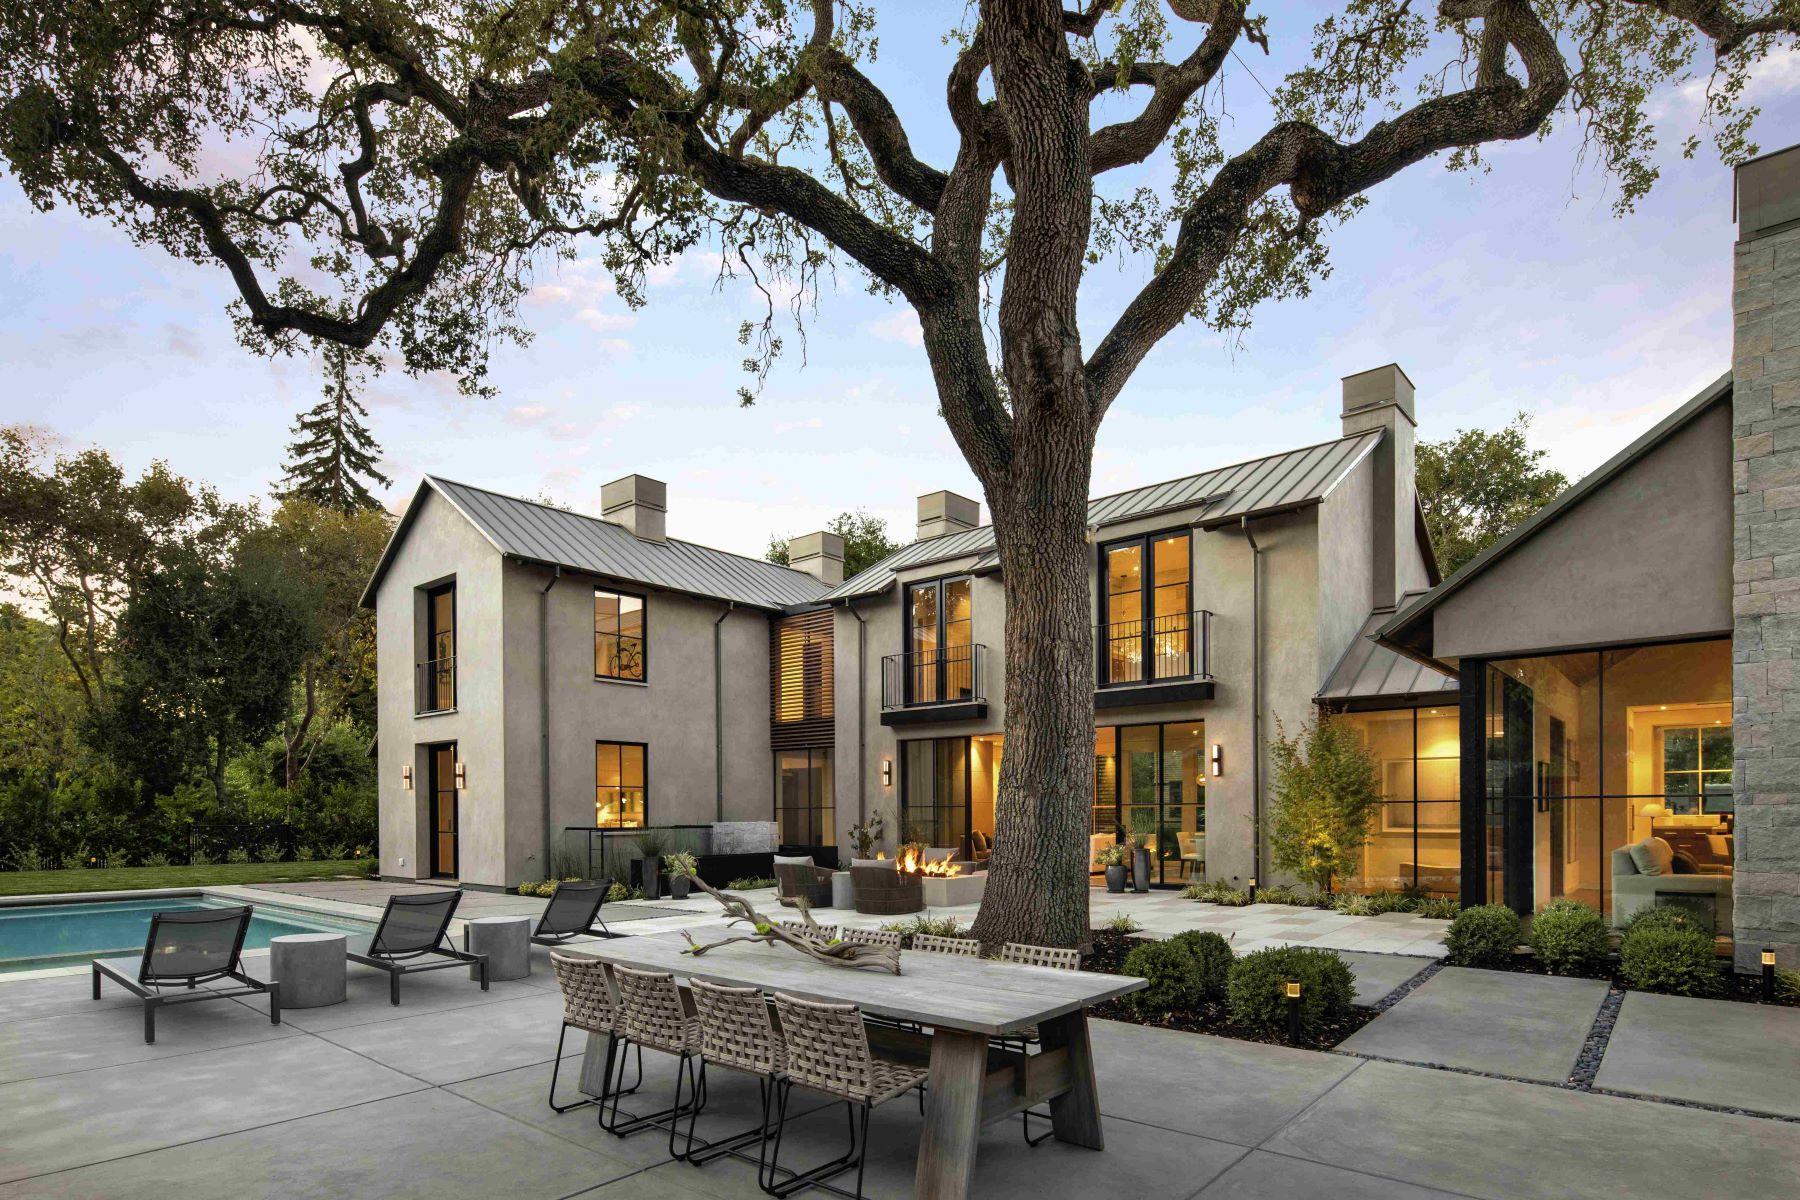 Additional photo for property listing at Silicon Valley Contemporary 1500 Cowper St Palo Alto, California 94301 Estados Unidos